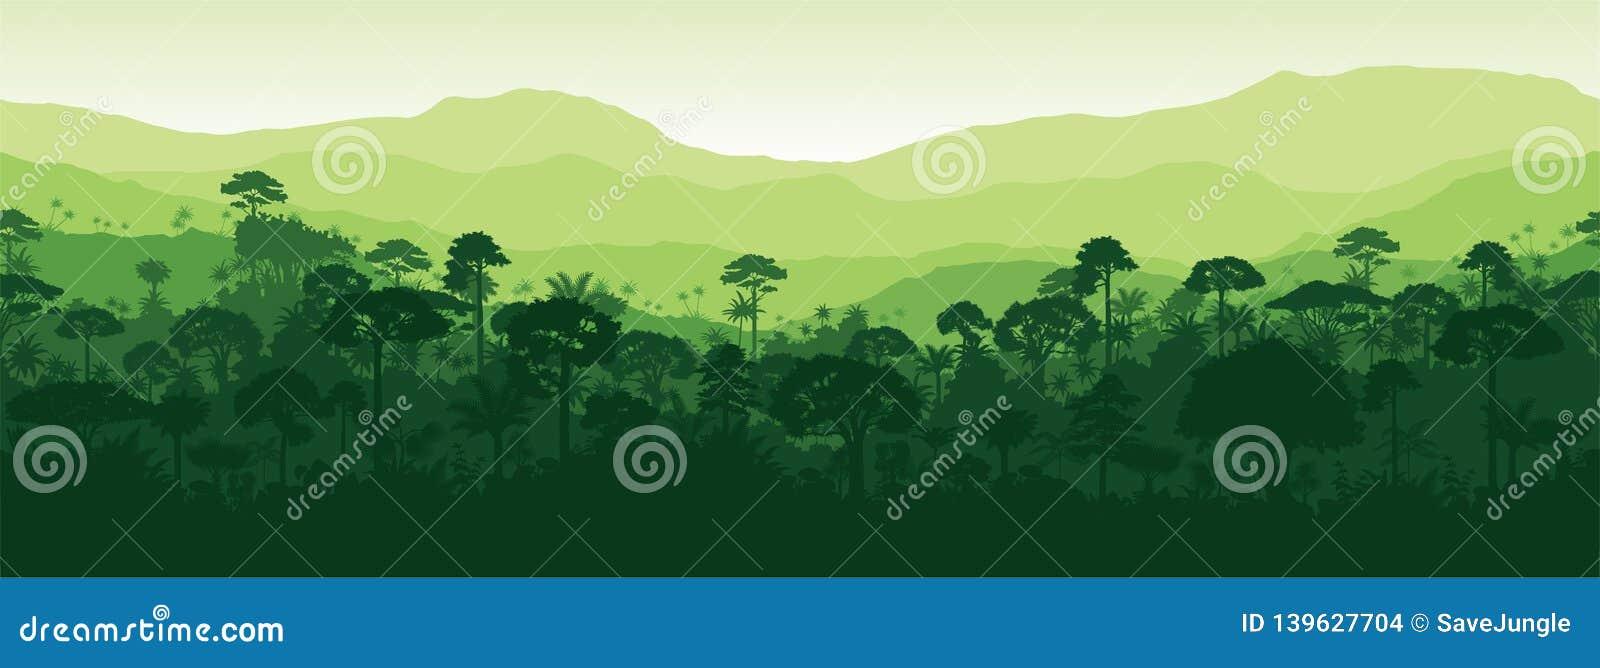 Fundo tropical sem emenda horizontal da floresta da selva da floresta úmida de Gayana do vetor